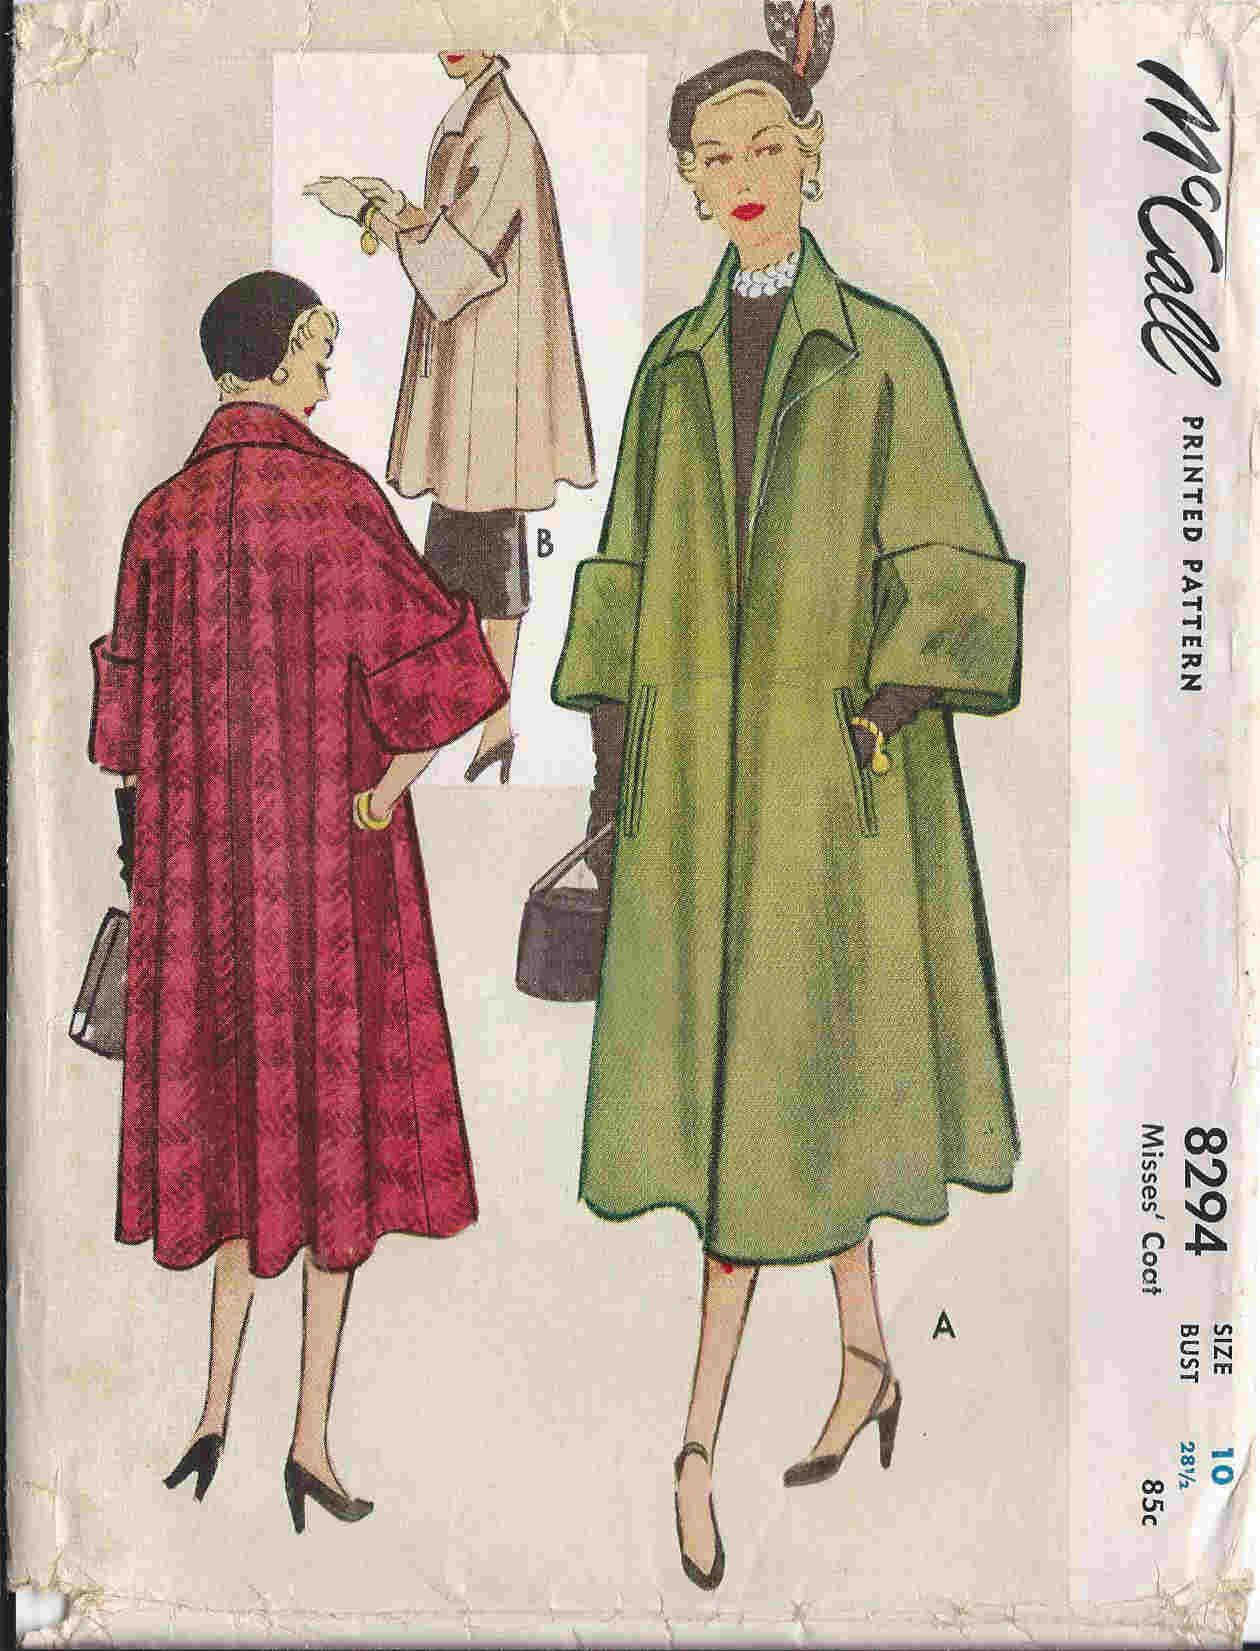 1950s short cape patterns | DellaJane Outerwear Patterns: Coats ...